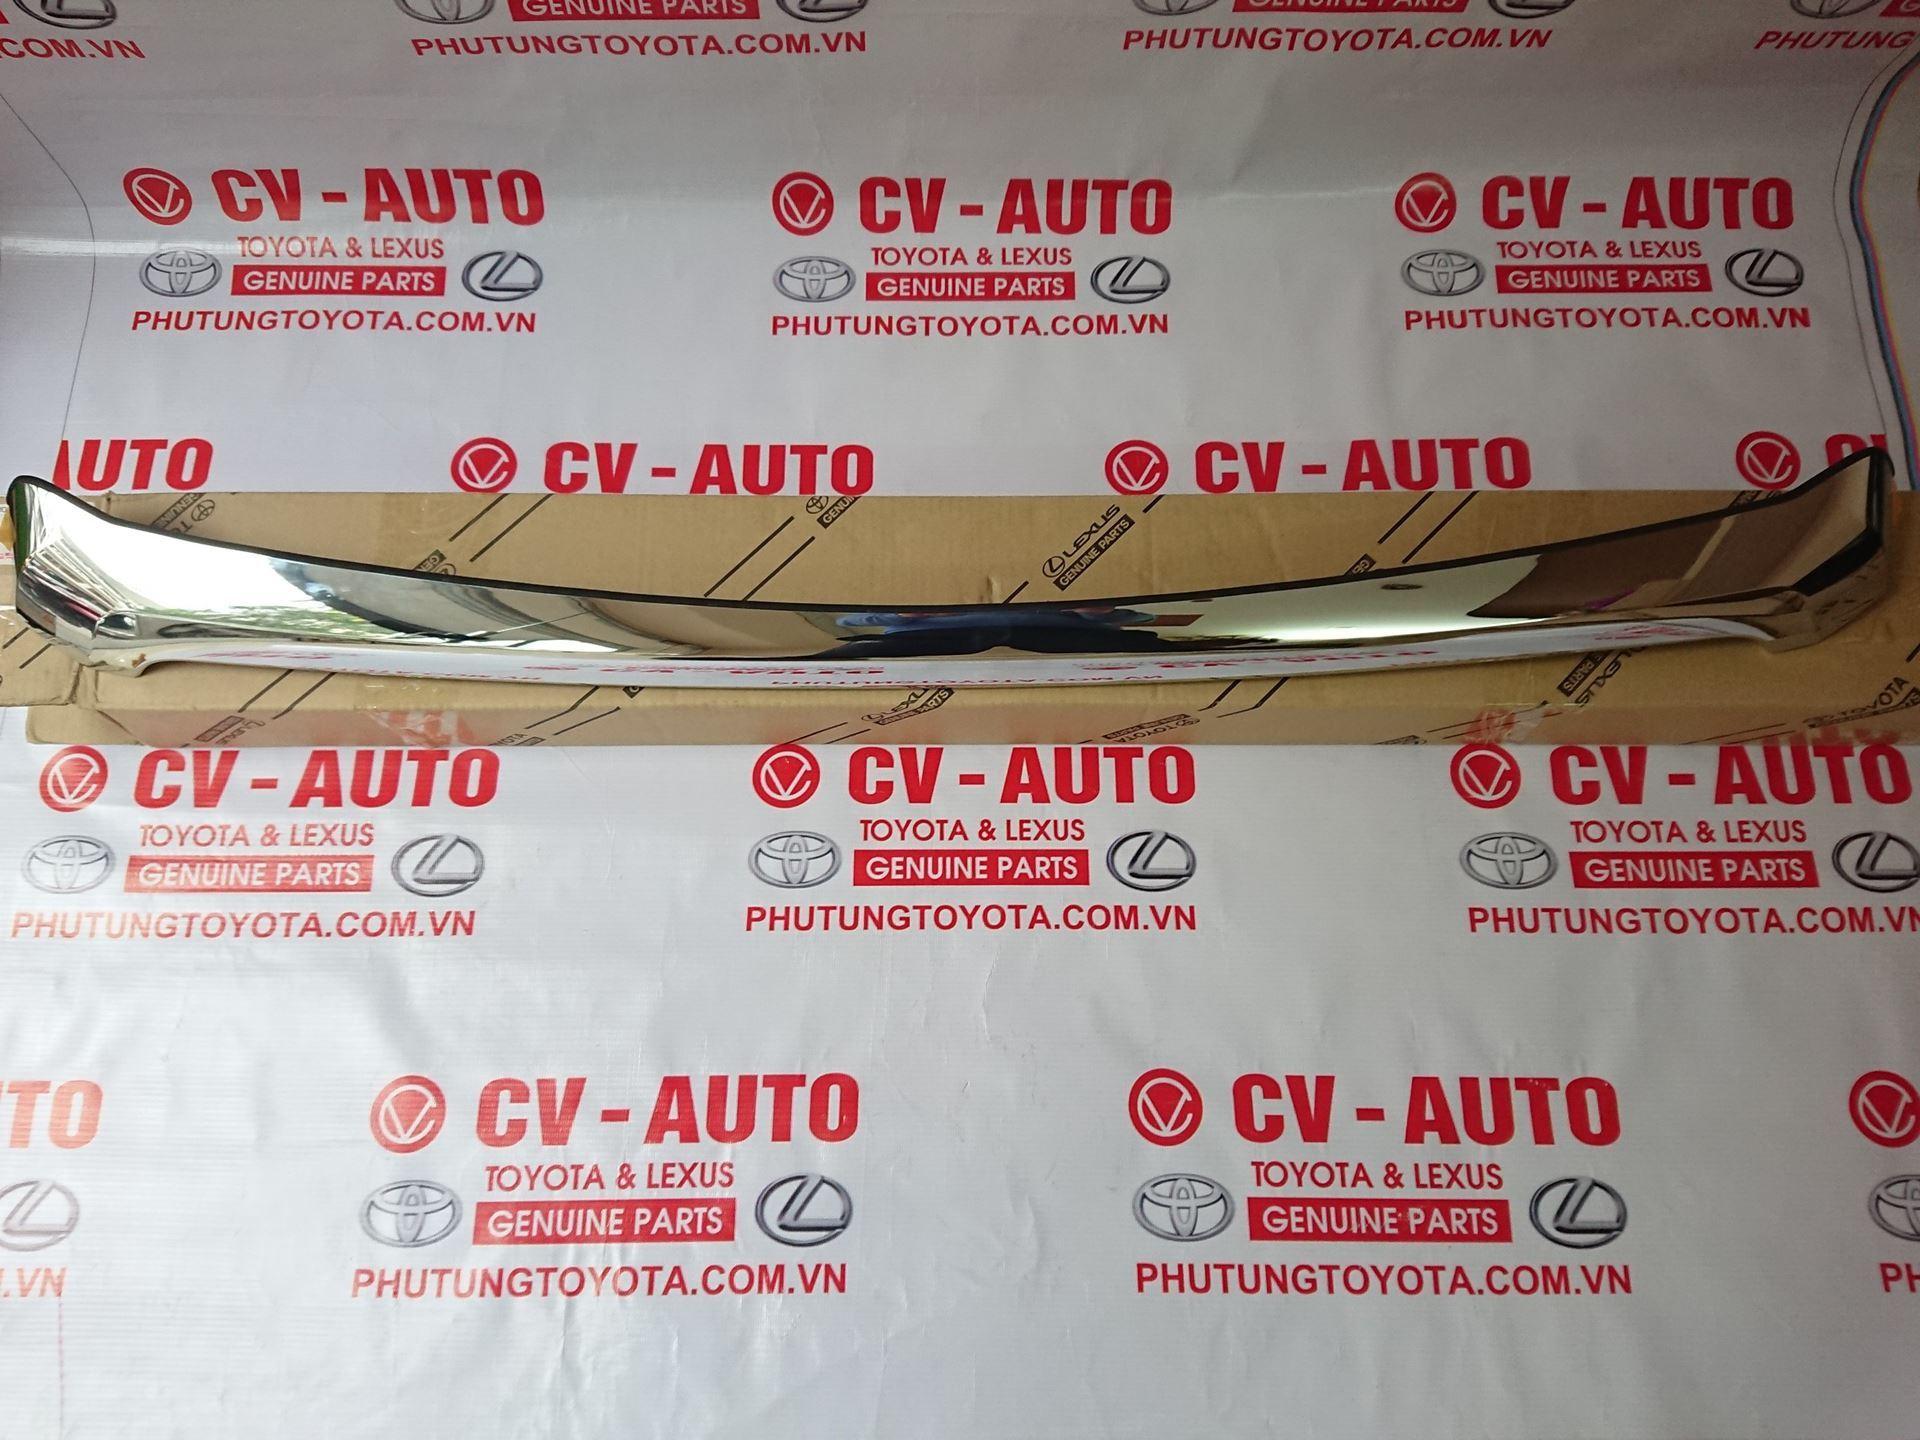 Picture of 75770-60052 Nẹp mạ capo Land Cruiser Prado model 2013-2017